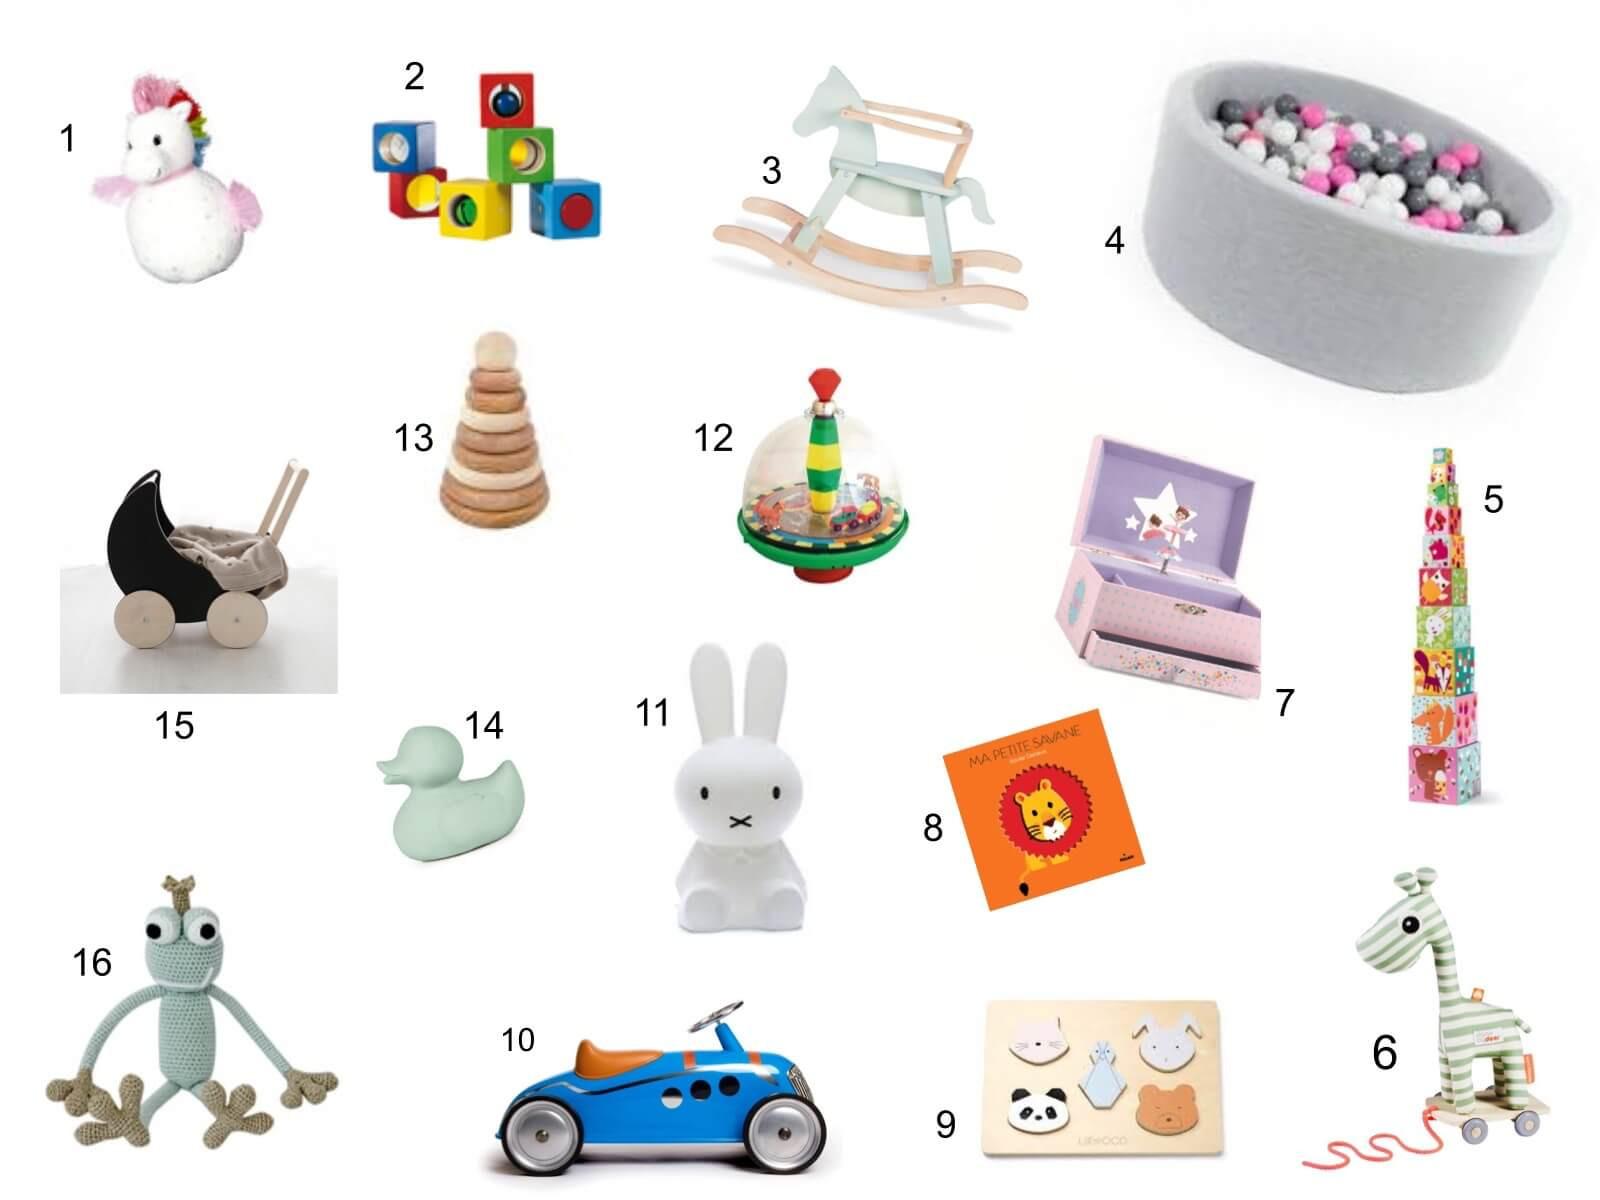 Geschenkideen 3 Jährige  Happy Mum Blog Geschenkideen für 1 jährige Kinder